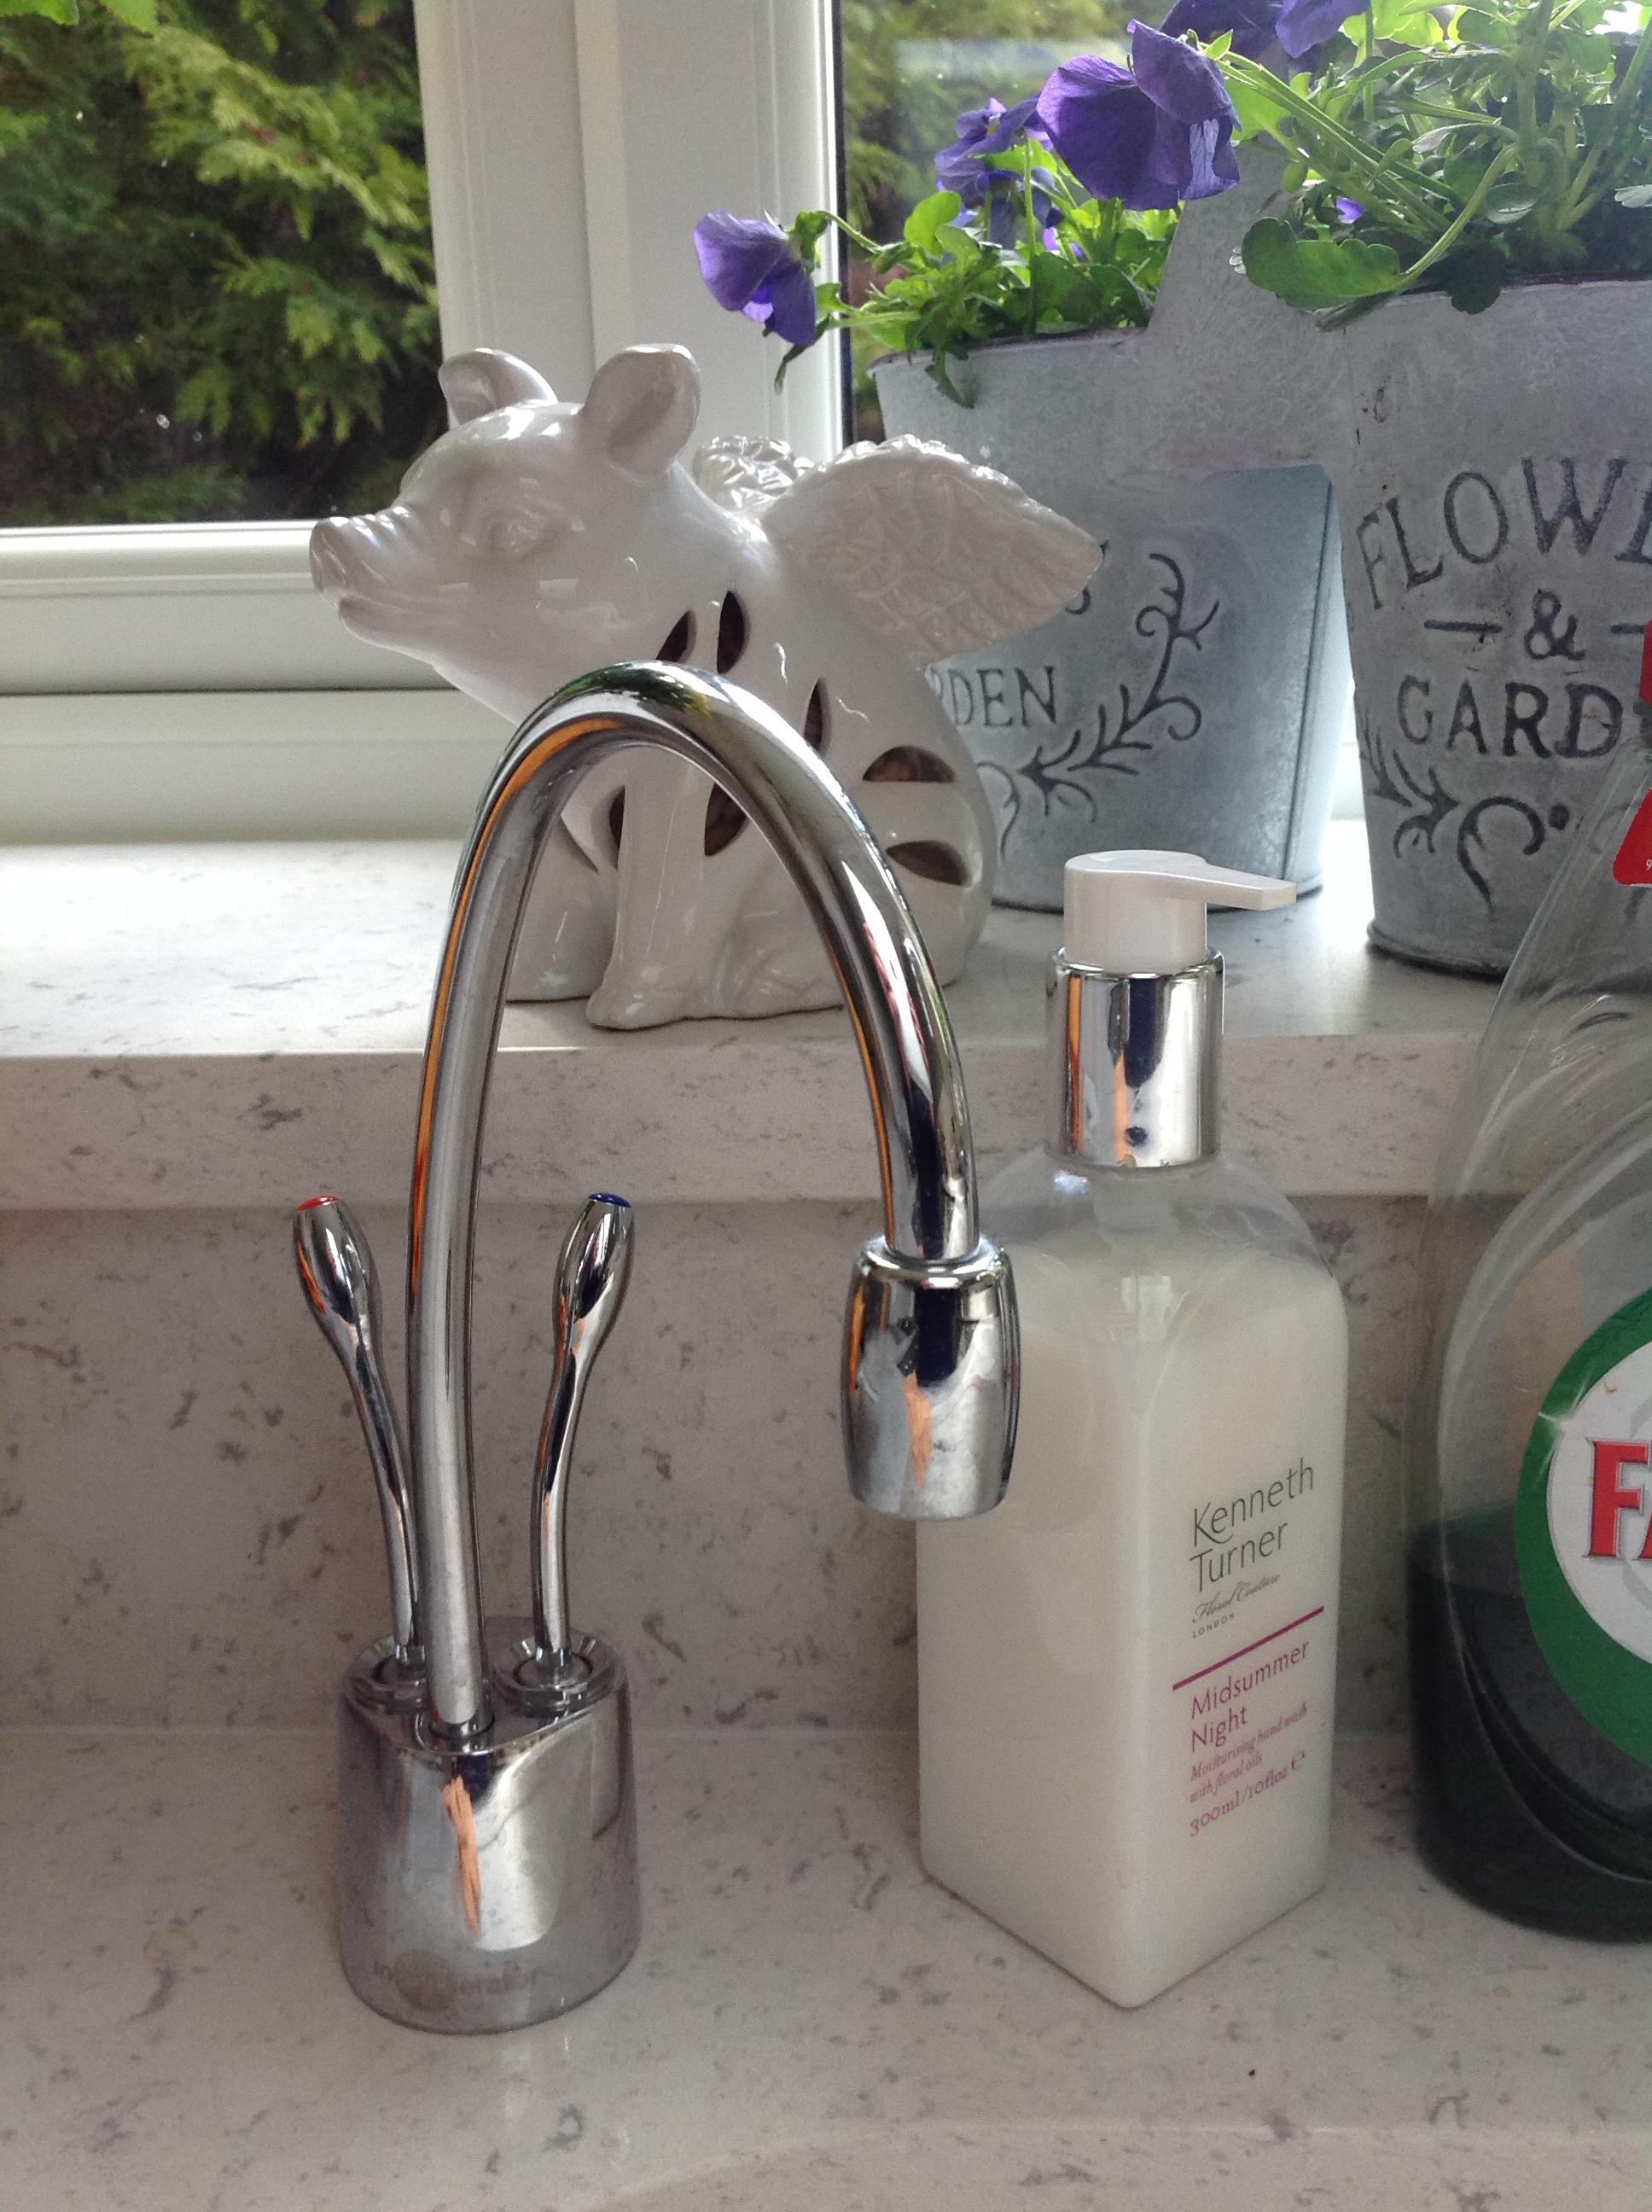 Inskinkerator tap- kitchen rennovation